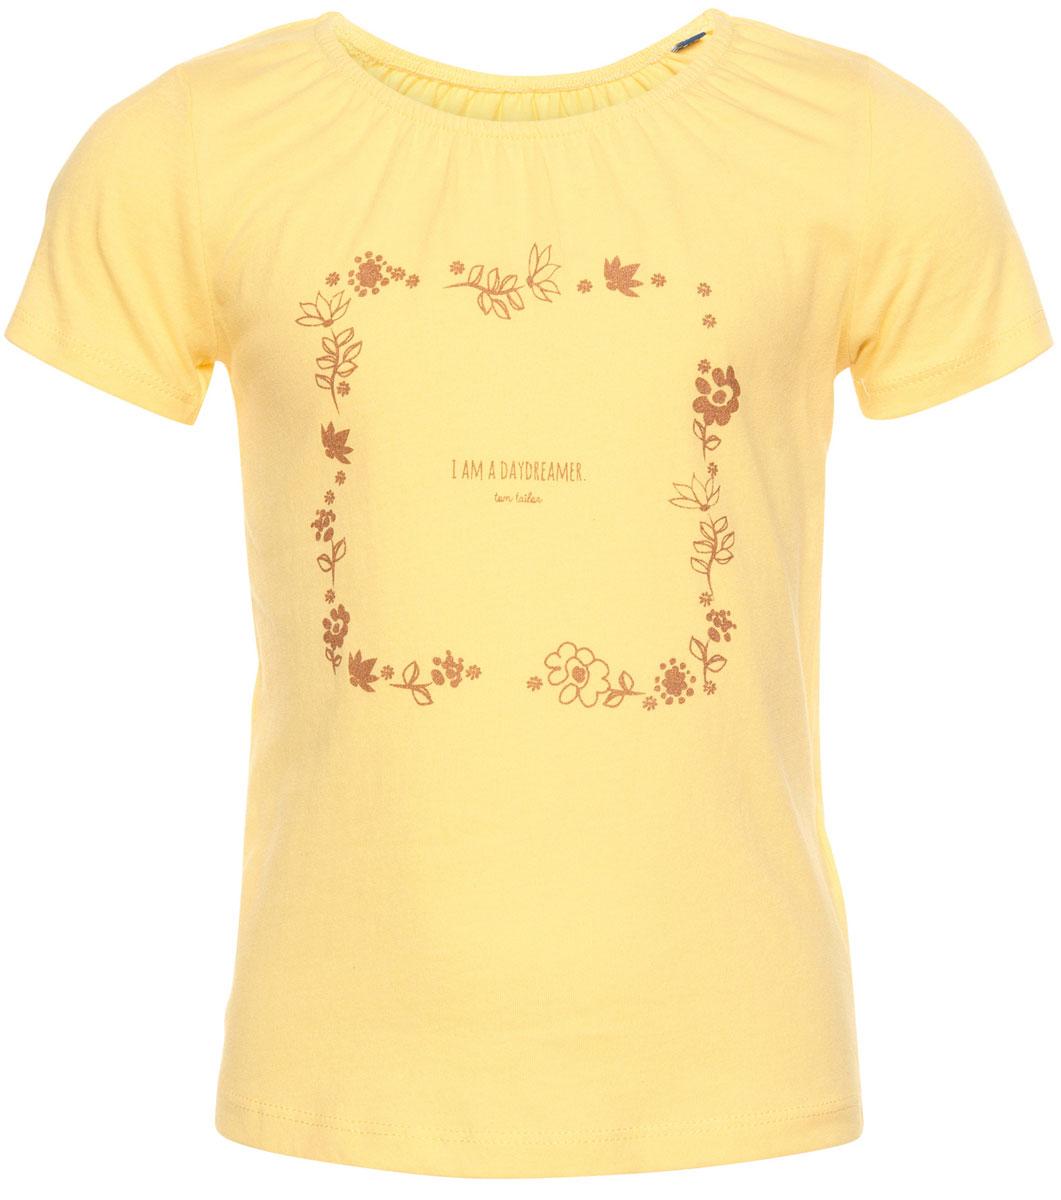 Футболка для девочки Tom Tailor, цвет: желтый. 1037041.00.81_3546. Размер 116/1221037041.00.81_3546Футболка для девочки Tom Tailor выполнена из натурального хлопка. Модель с круглым вырезом горловины и короткими рукавами оформлена оригинальным принтом, украшенным блестящим напылением. Воротник присборен на резинку, образующую небольшие складки.